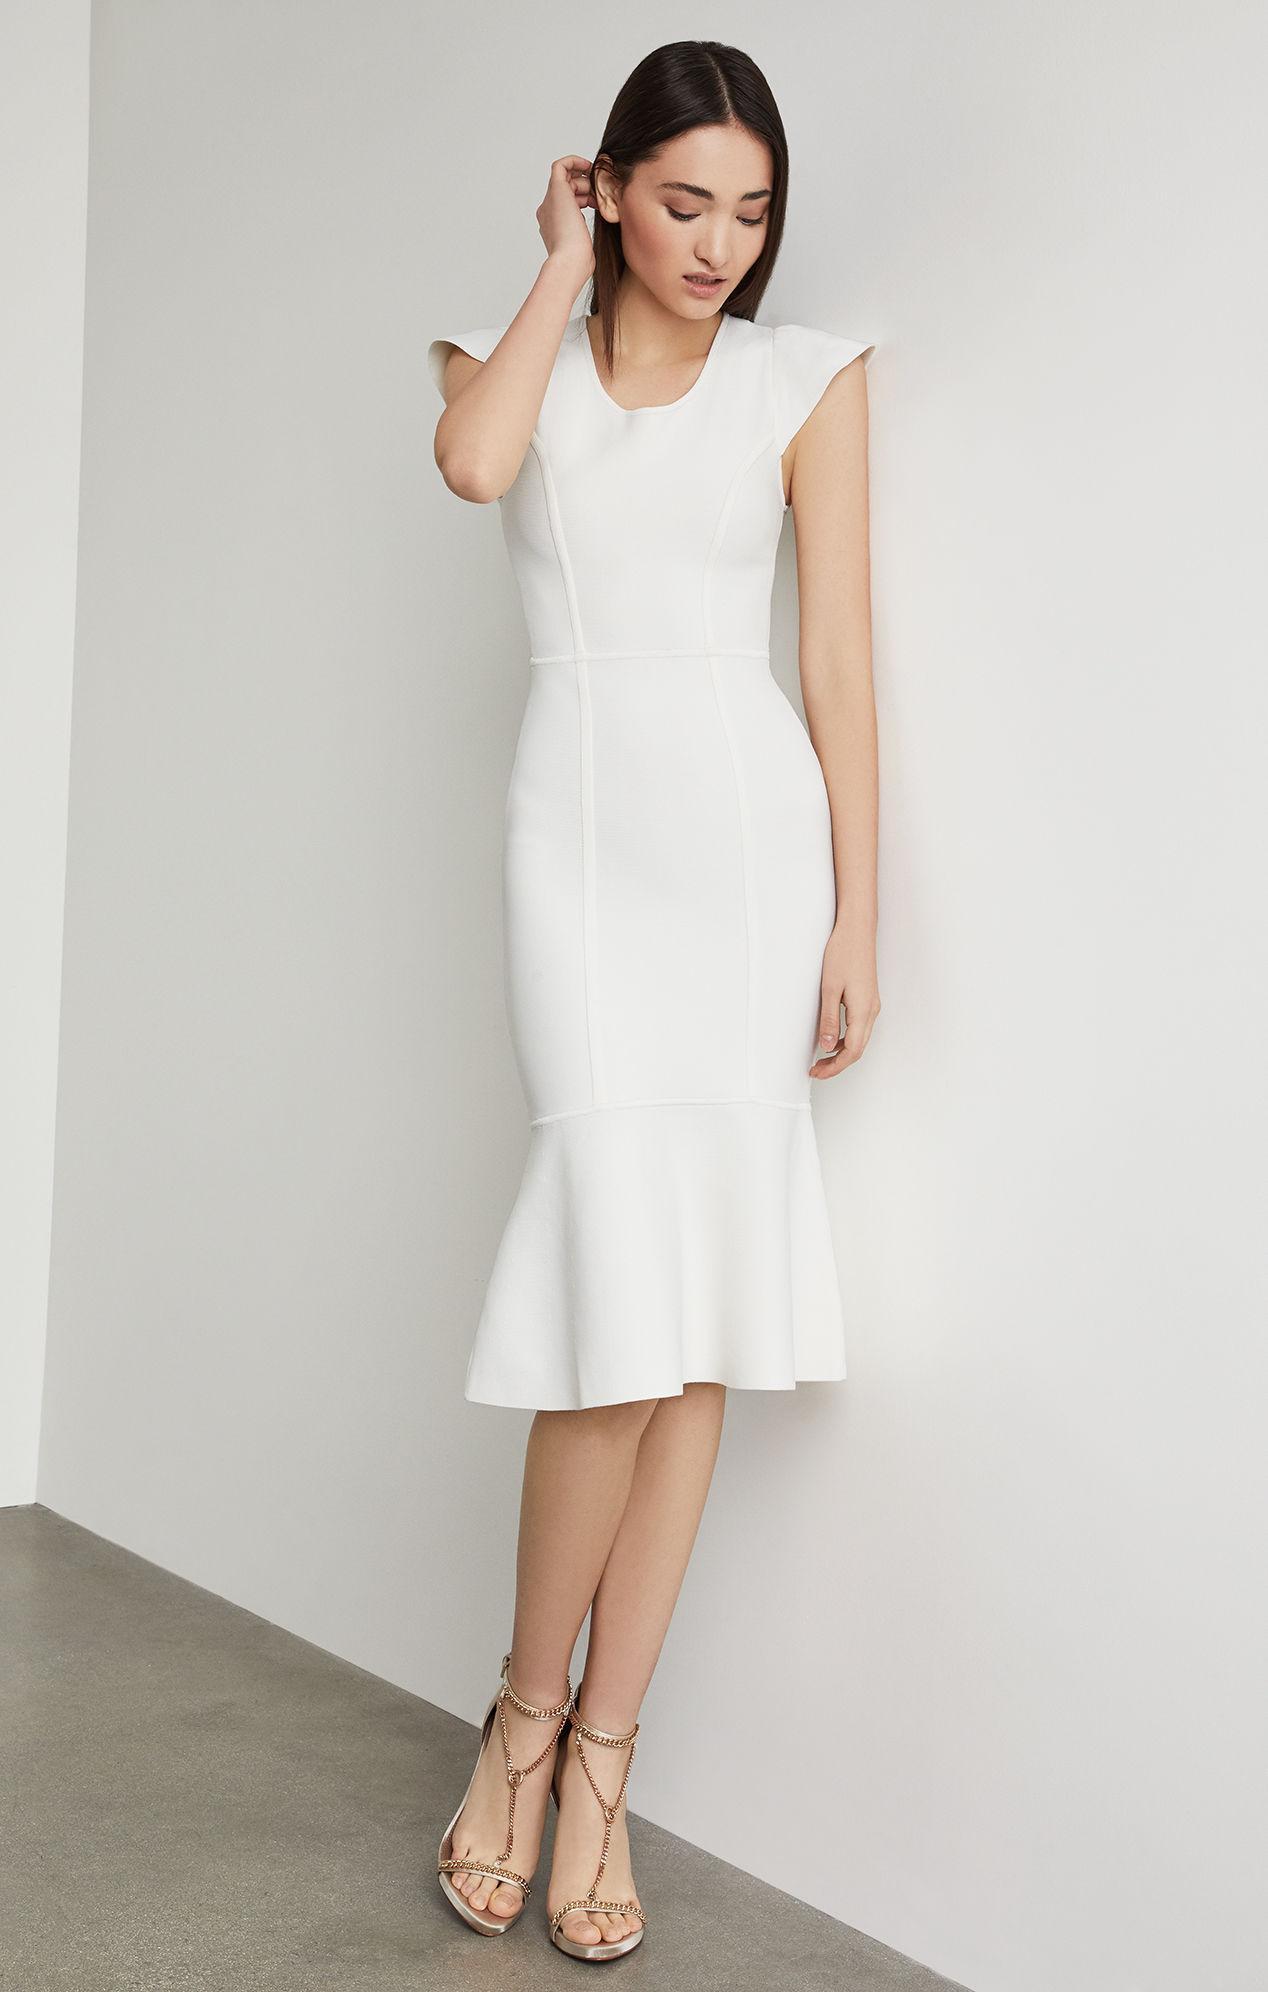 d32592ef026 Lyst - BCBGMAXAZRIA Bcbg Fluted Bodycon Dress in White